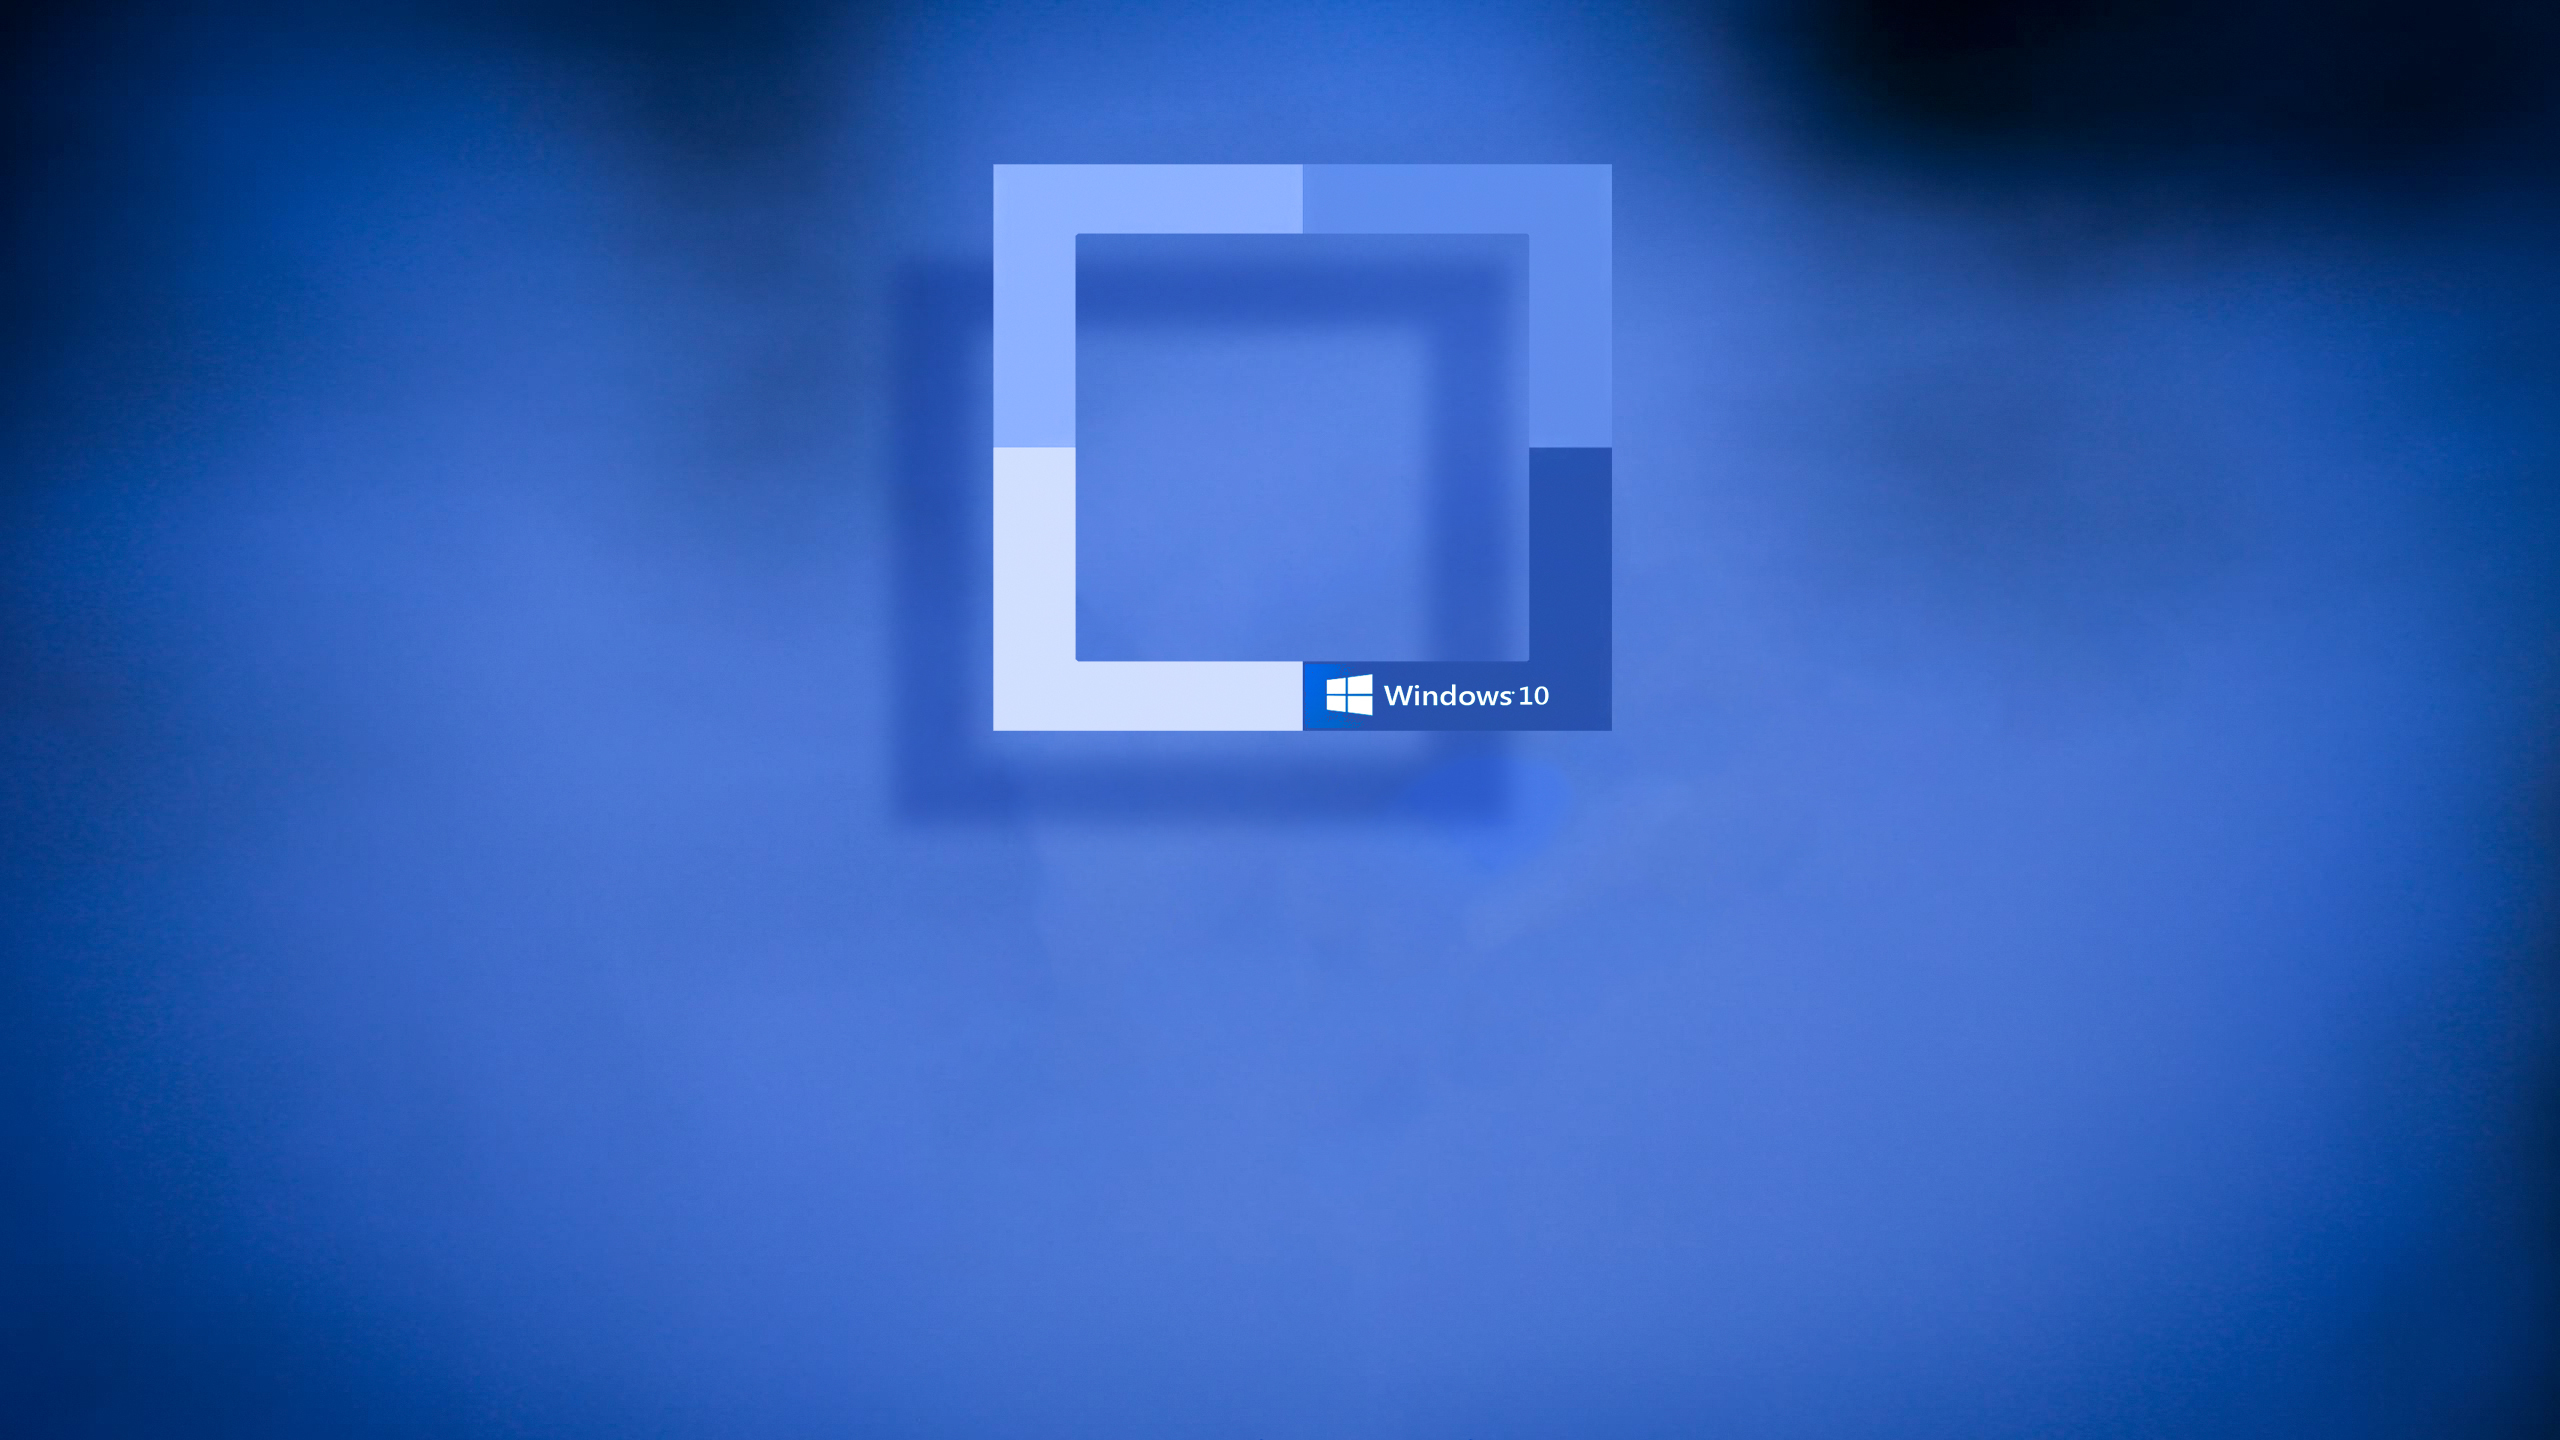 Windows 10 Desktop Is Black 14 Cool Hd Wallpaper